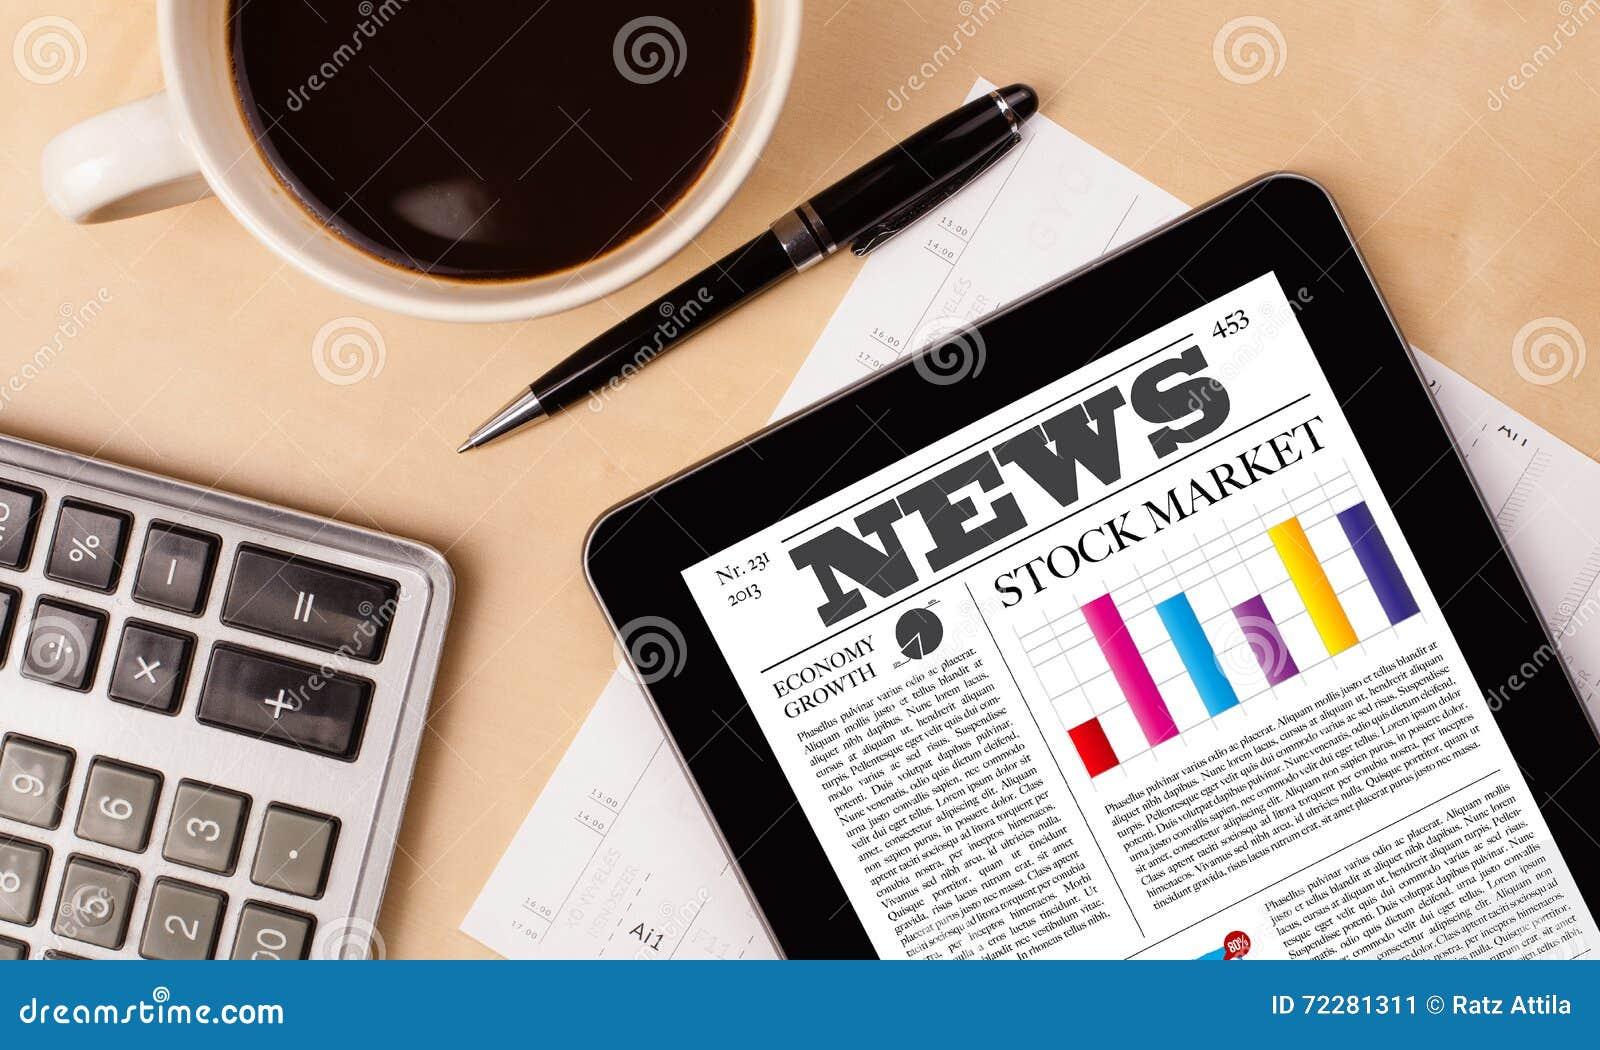 Download ПК таблетки показывает новости на экране с чашкой кофе на столе Стоковое Изображение - изображение насчитывающей интернет, дисплей: 72281311